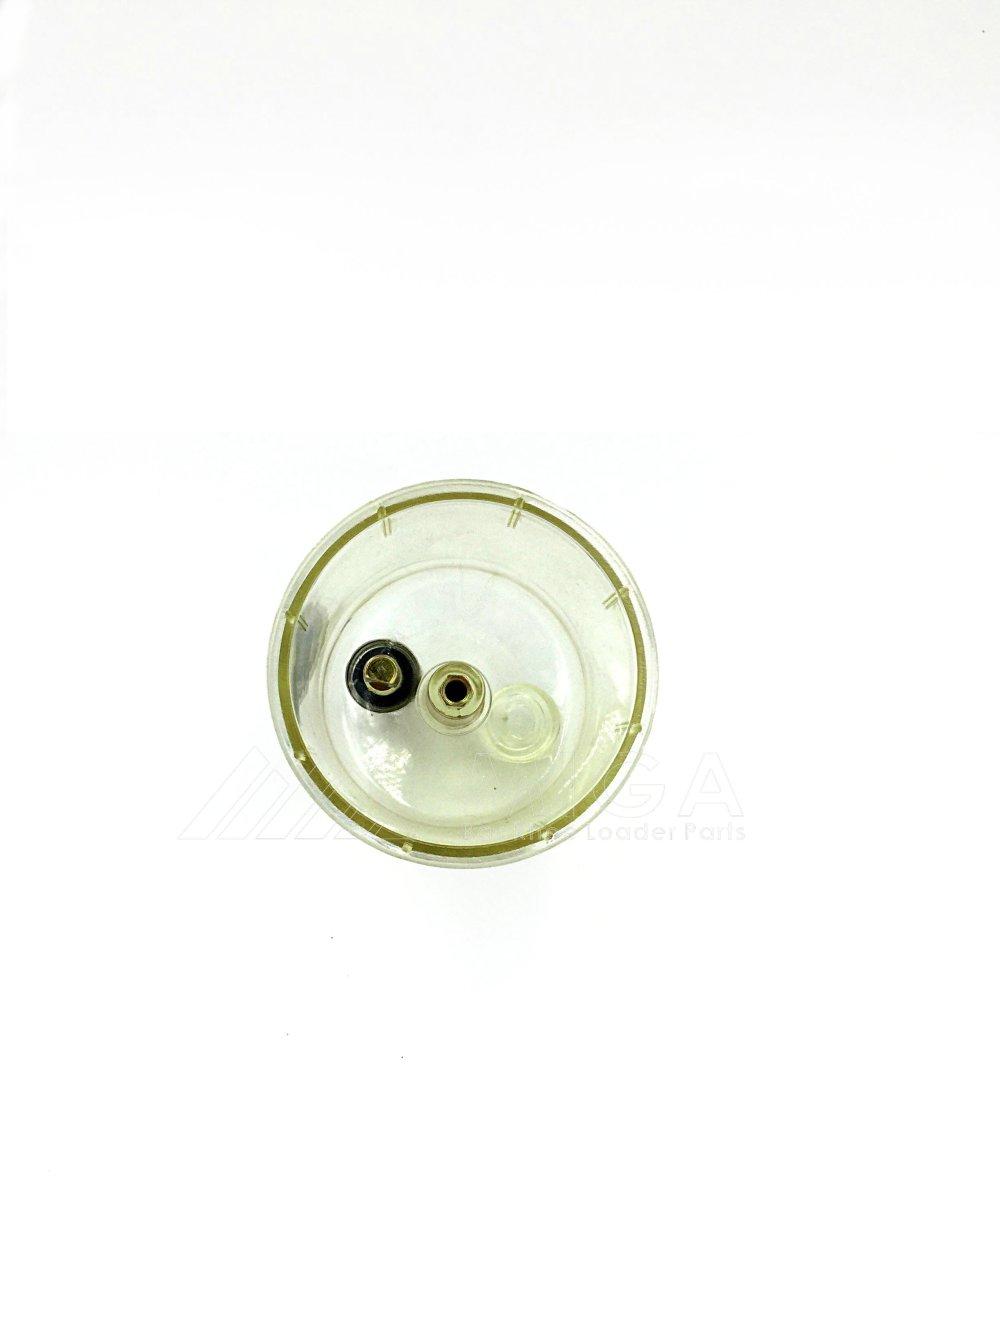 medium resolution of  32 925568 jcb fuel sediment bowl